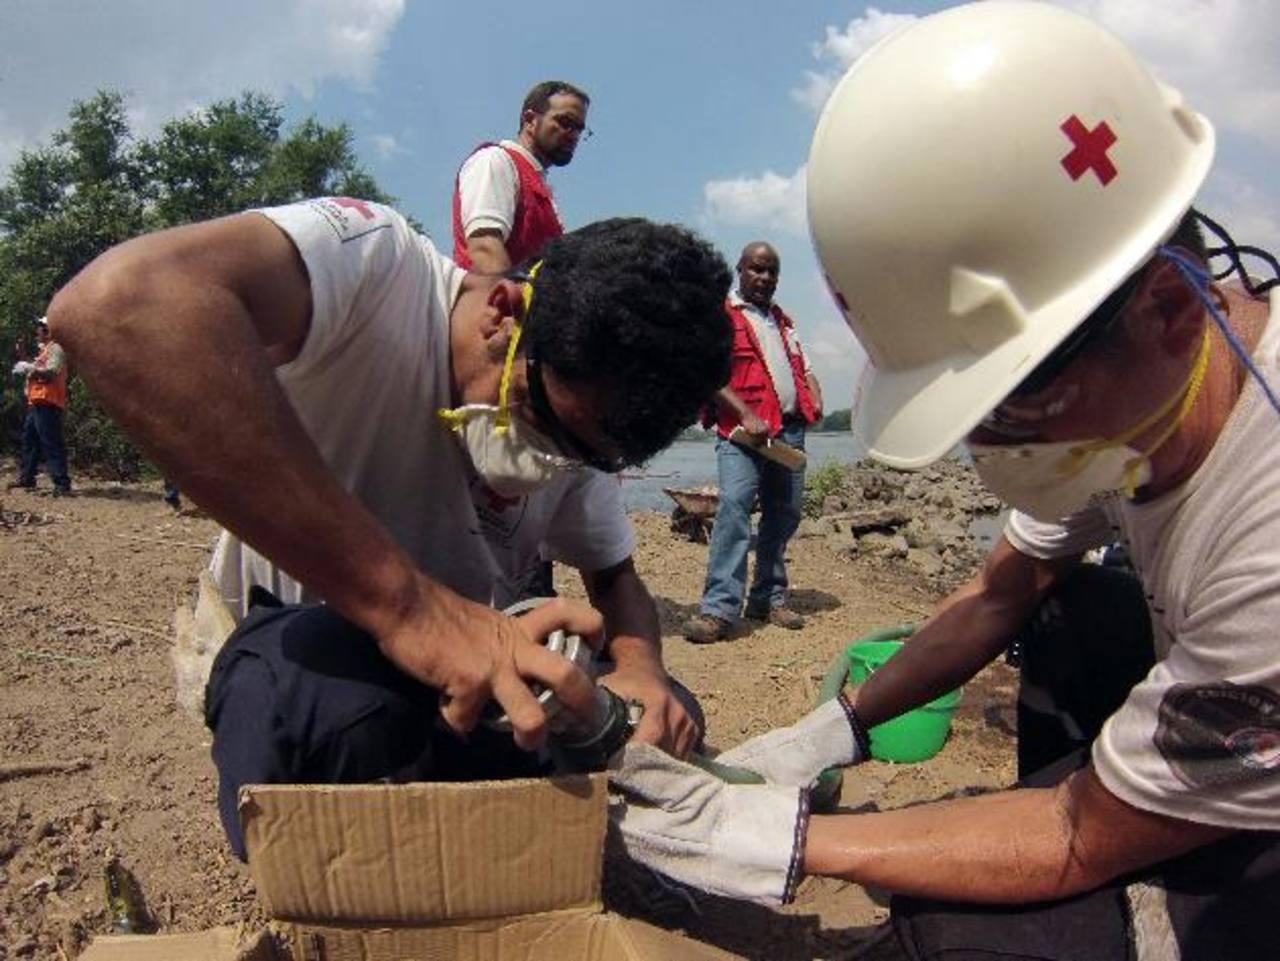 La acción se realizó en el municipio de Jiquilisco, en comunidades del bajo Lempa en las que siempre hay problema de inundaciones . Foto EDH / cortesia cruz roja